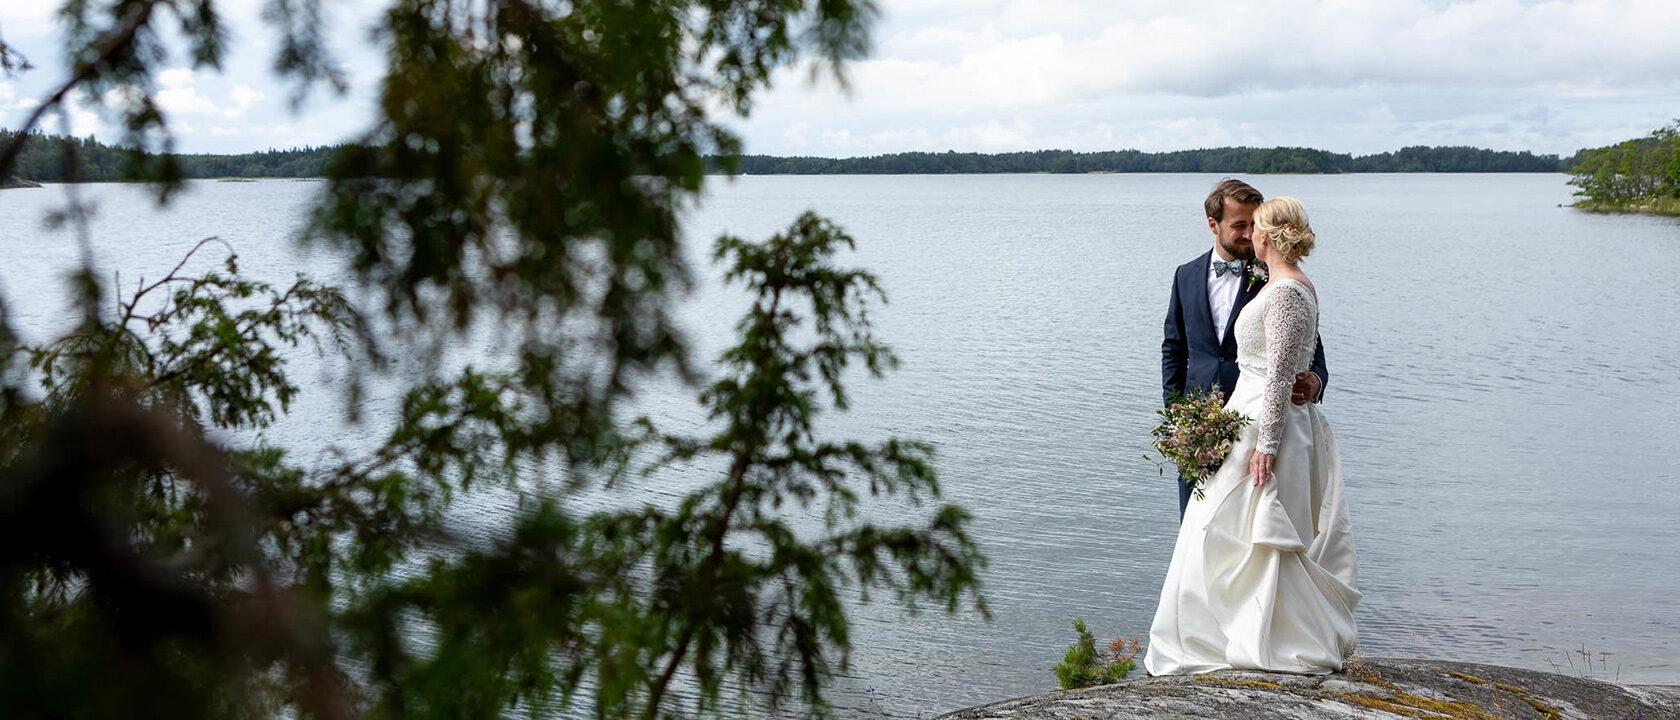 Bröllopsfotografering Furusund Hammerska ladan